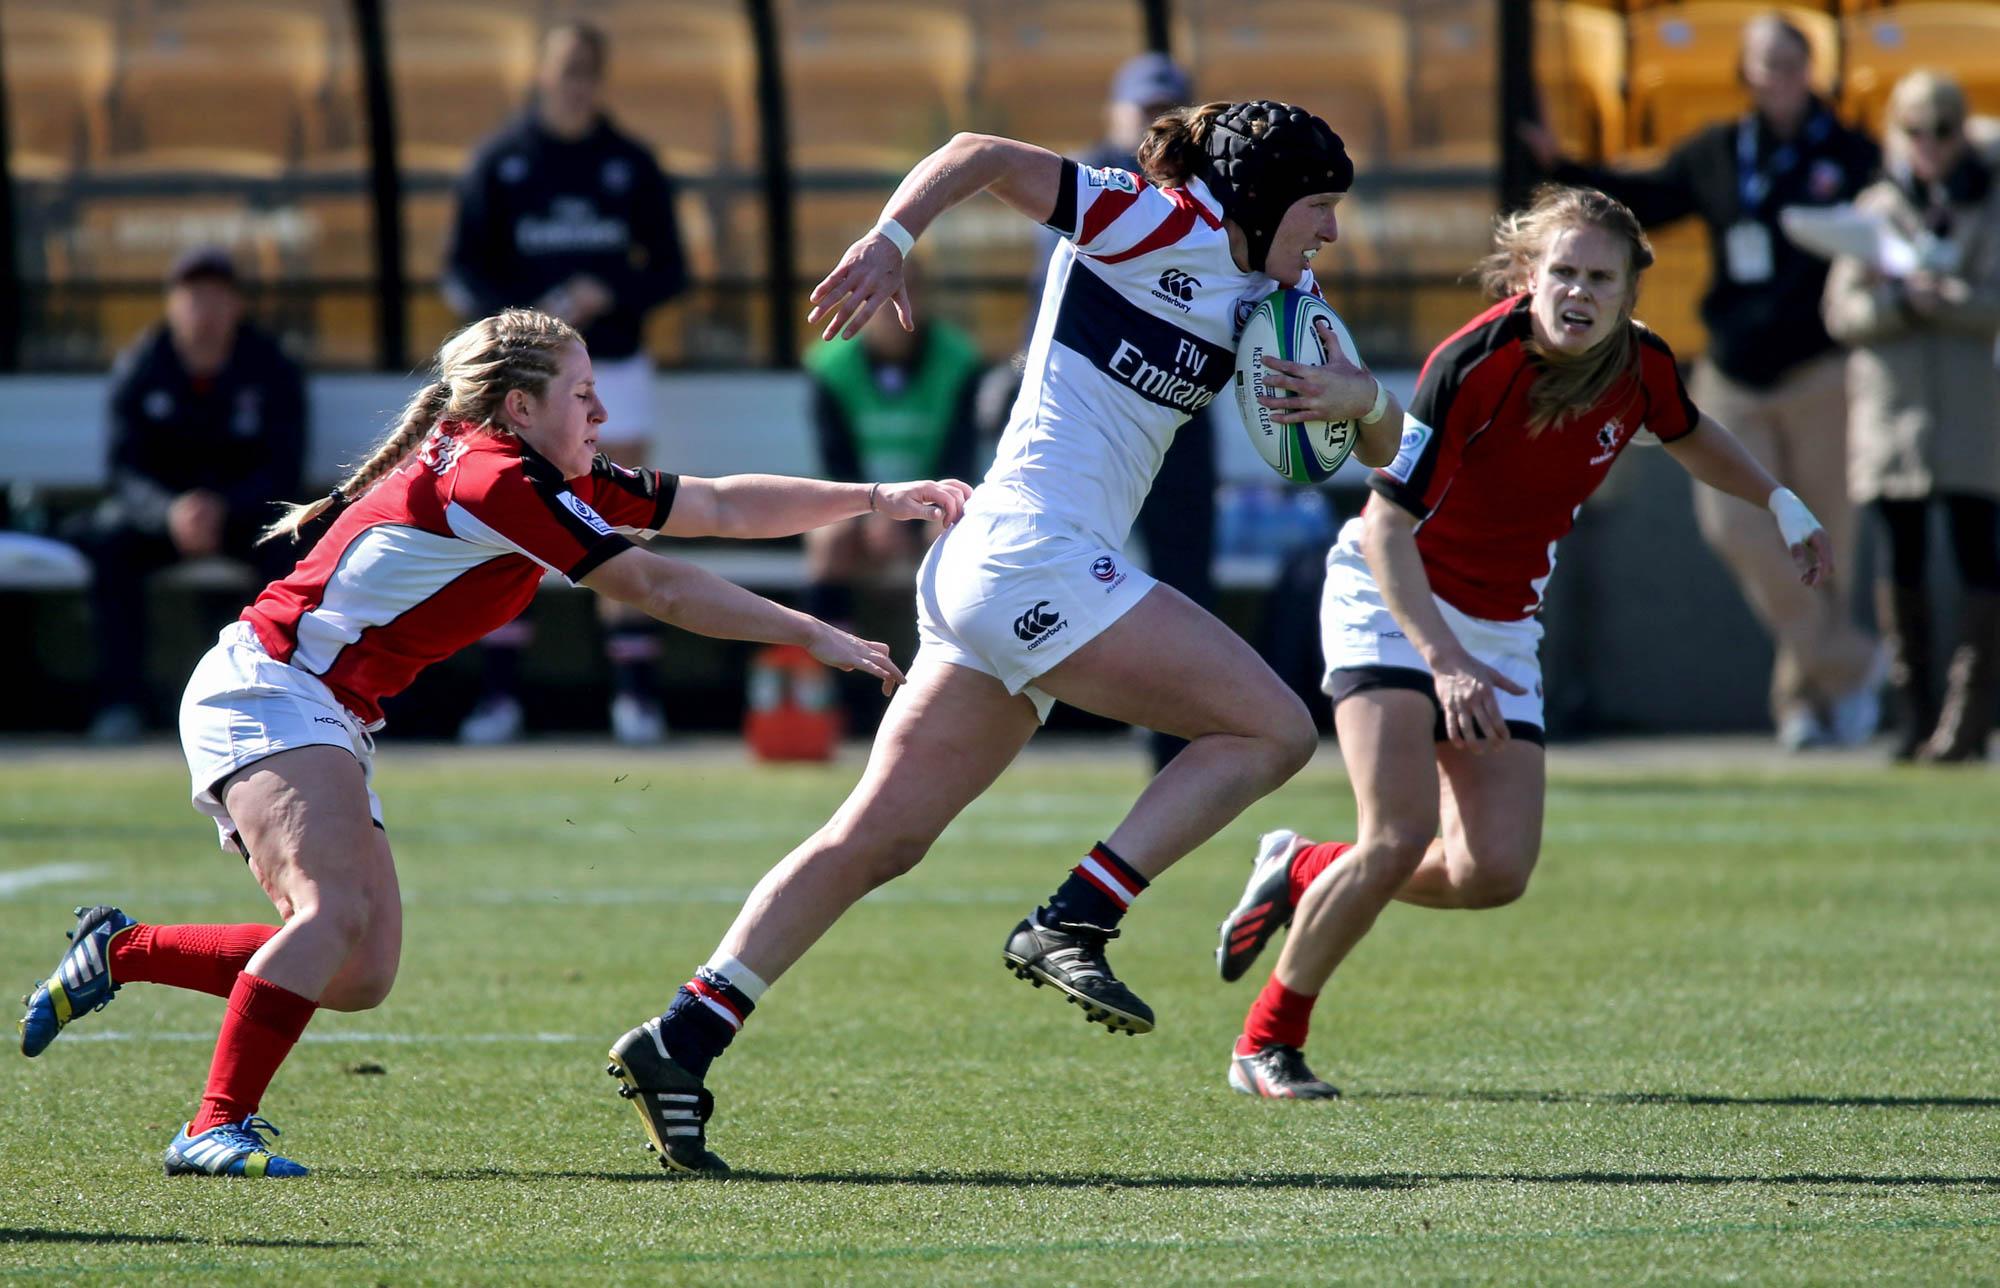 Mujer con pelota de rugby en un brazo escapa de rivales (© AP Images)